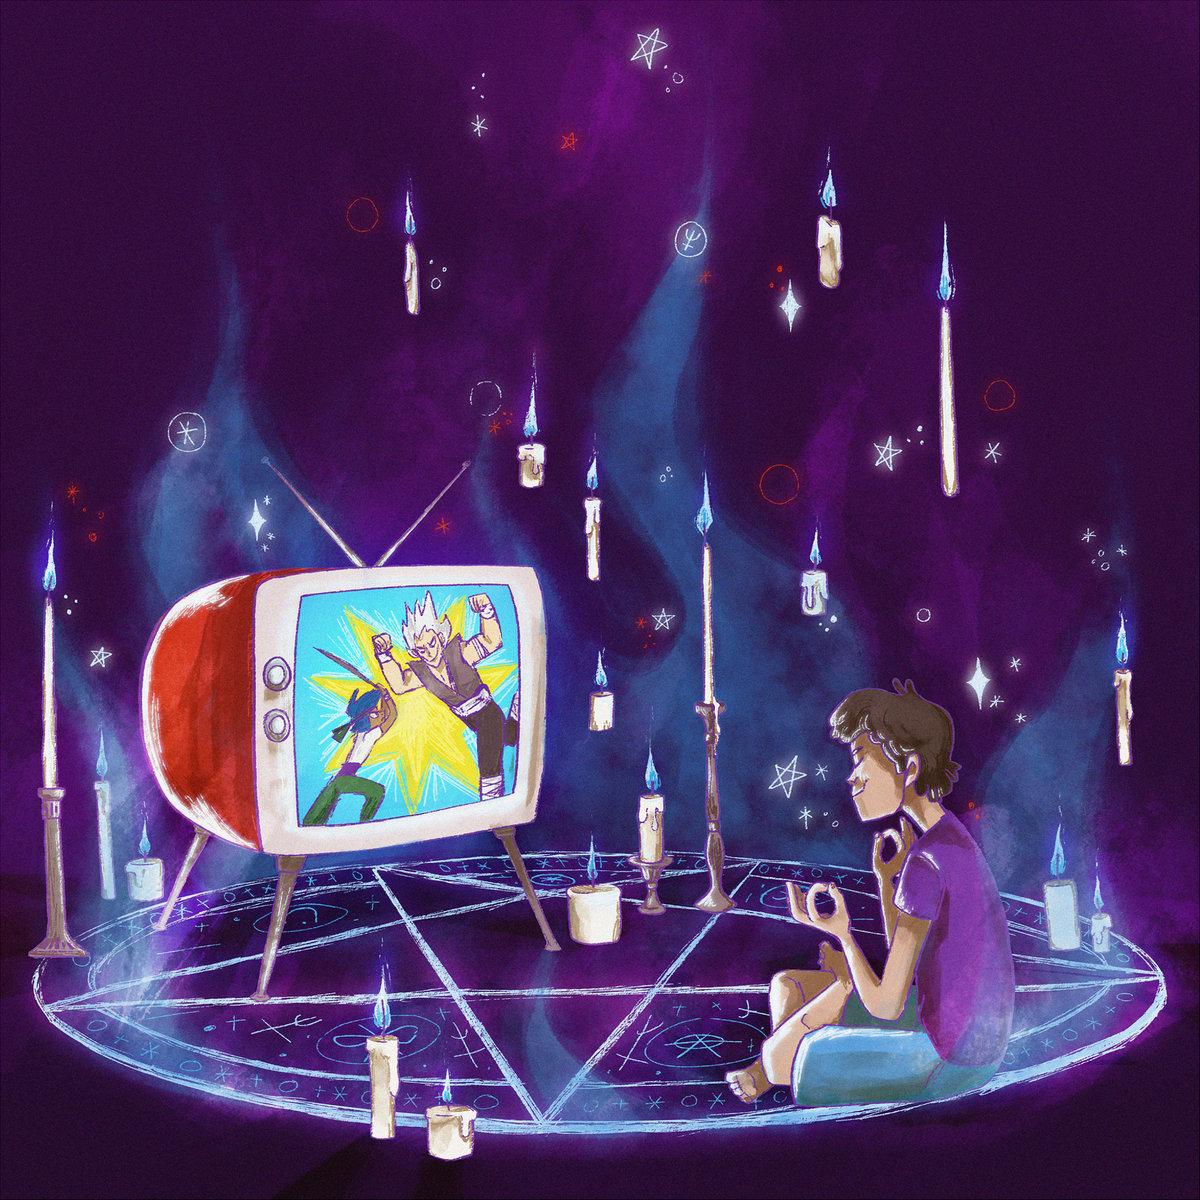 Anime Is My God (Freestyle) Prod  by Joey Feniello | Jaxxon Wynn